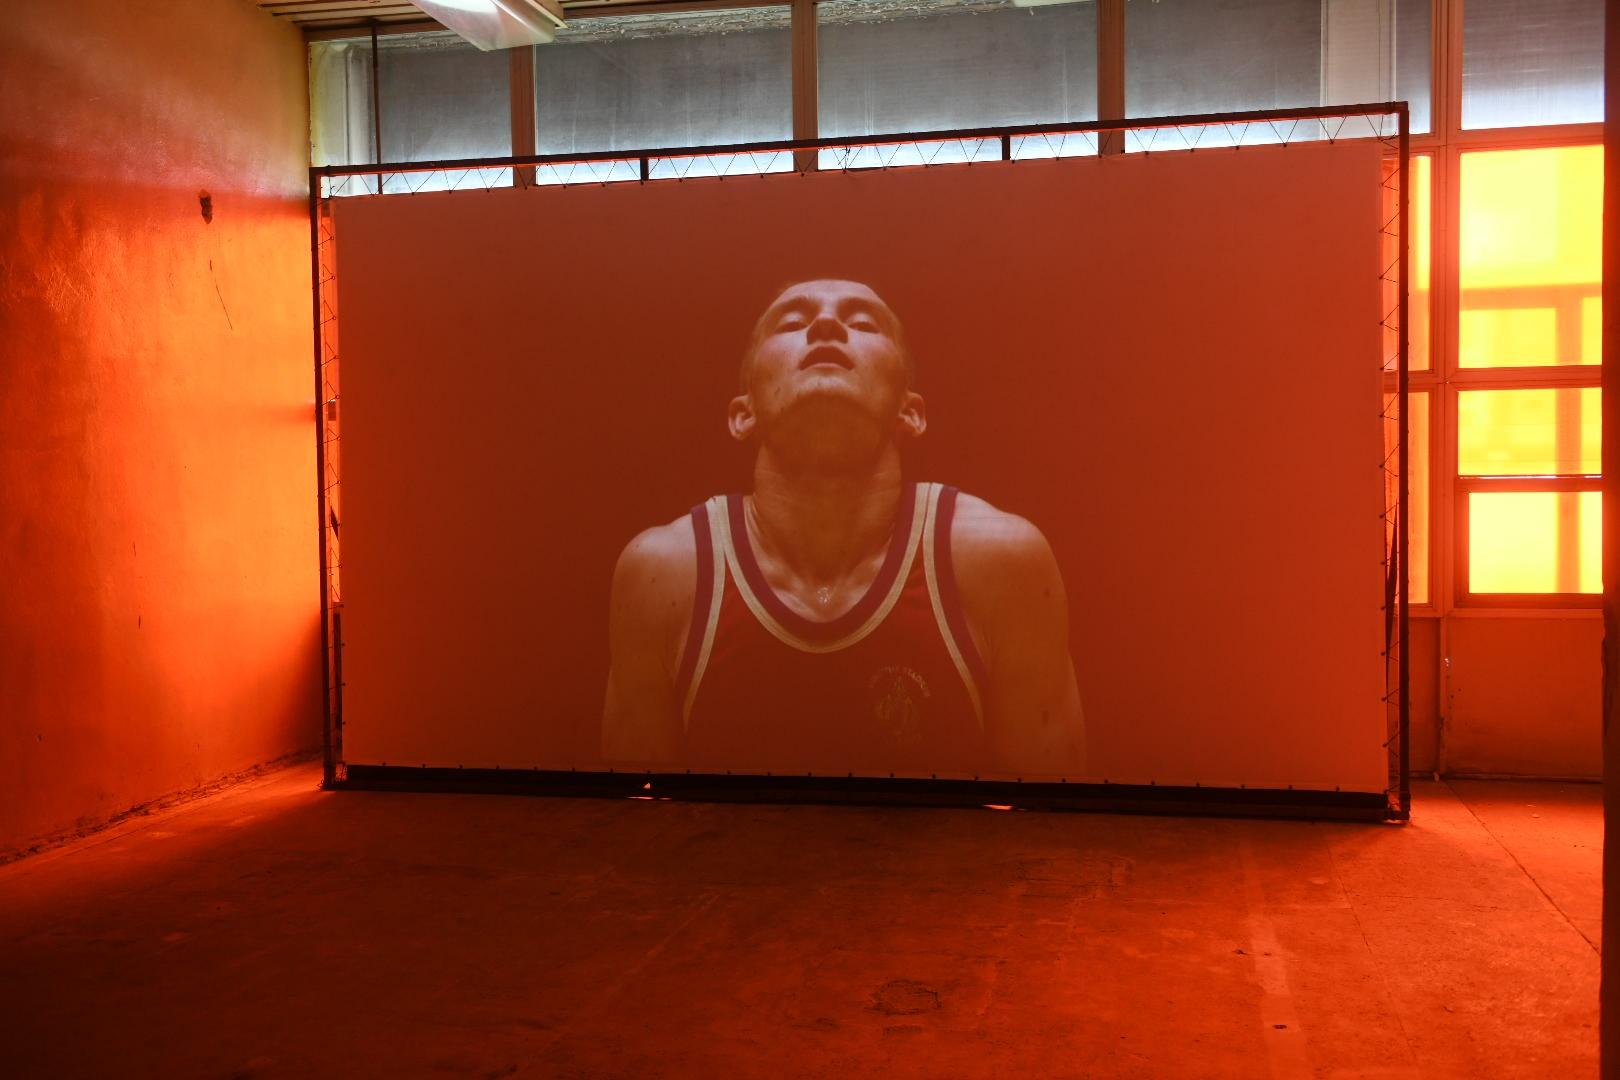 В программе арт-резиденций есть проект британской художницы, который она делала вместе со спортсменами из Академии единоборств РМК